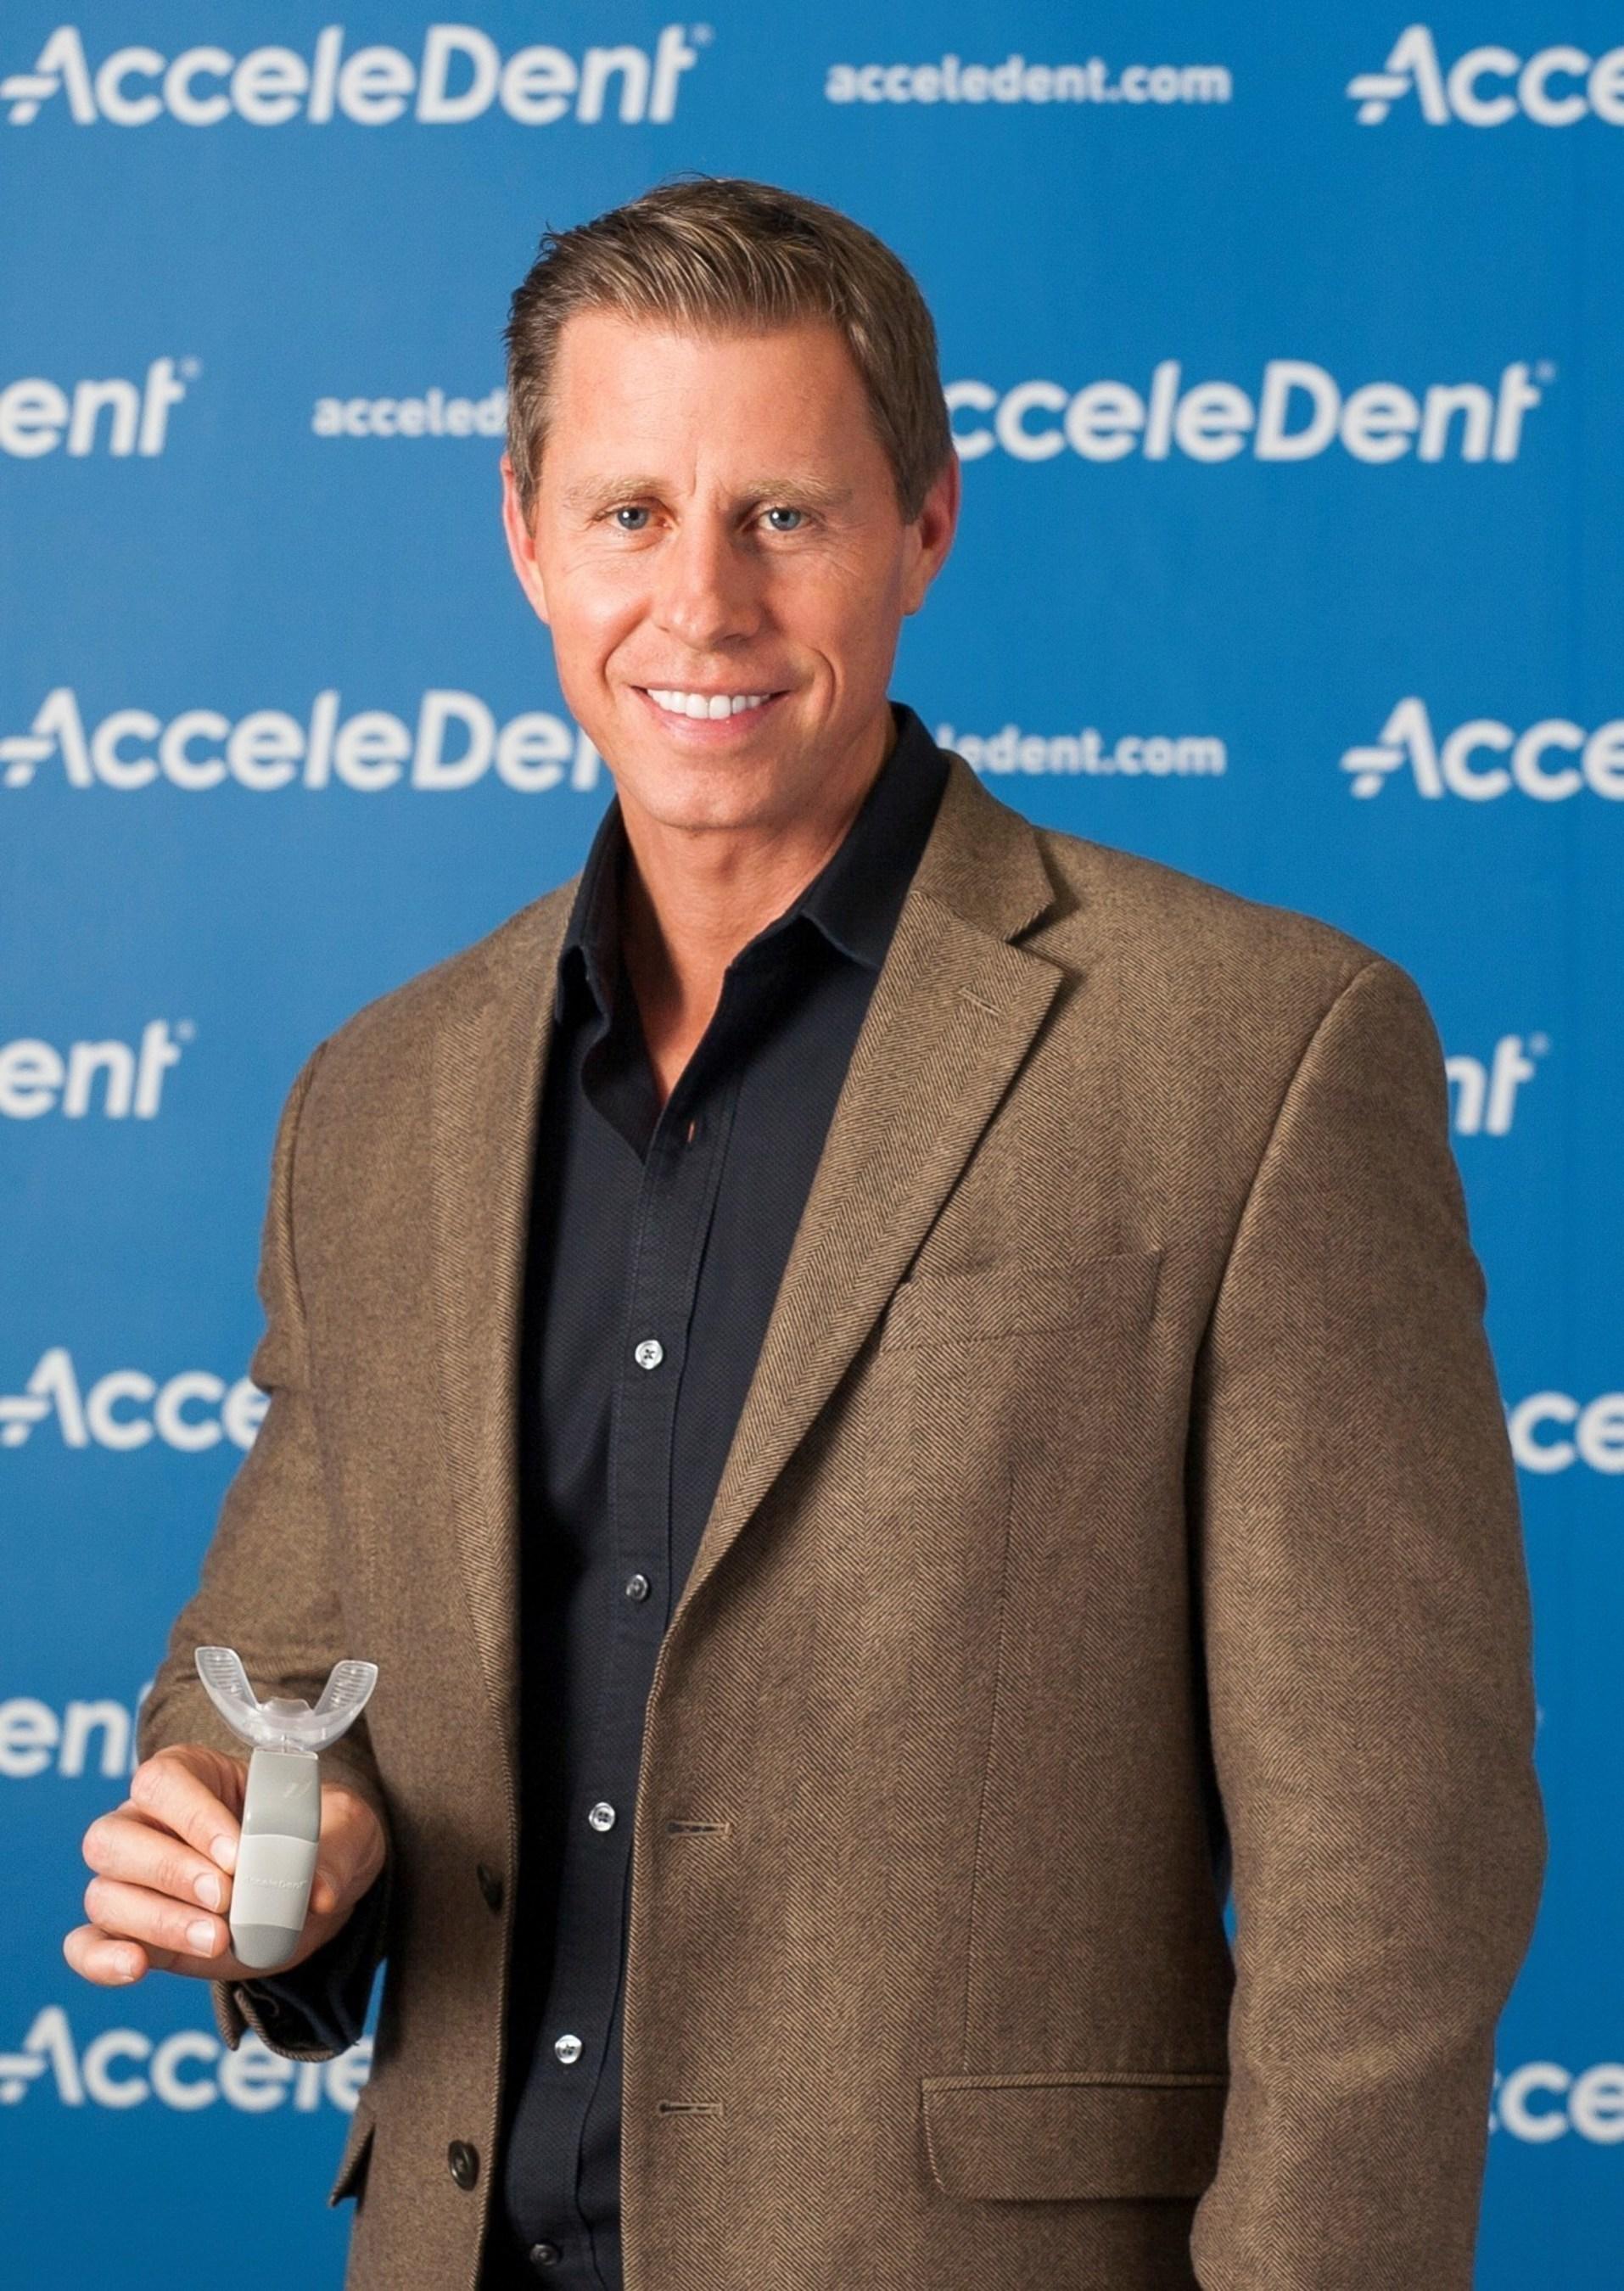 AcceleDent-Hersteller OrthoAccel im Technology-Fast-500-Ranking 2015 von Deloitte